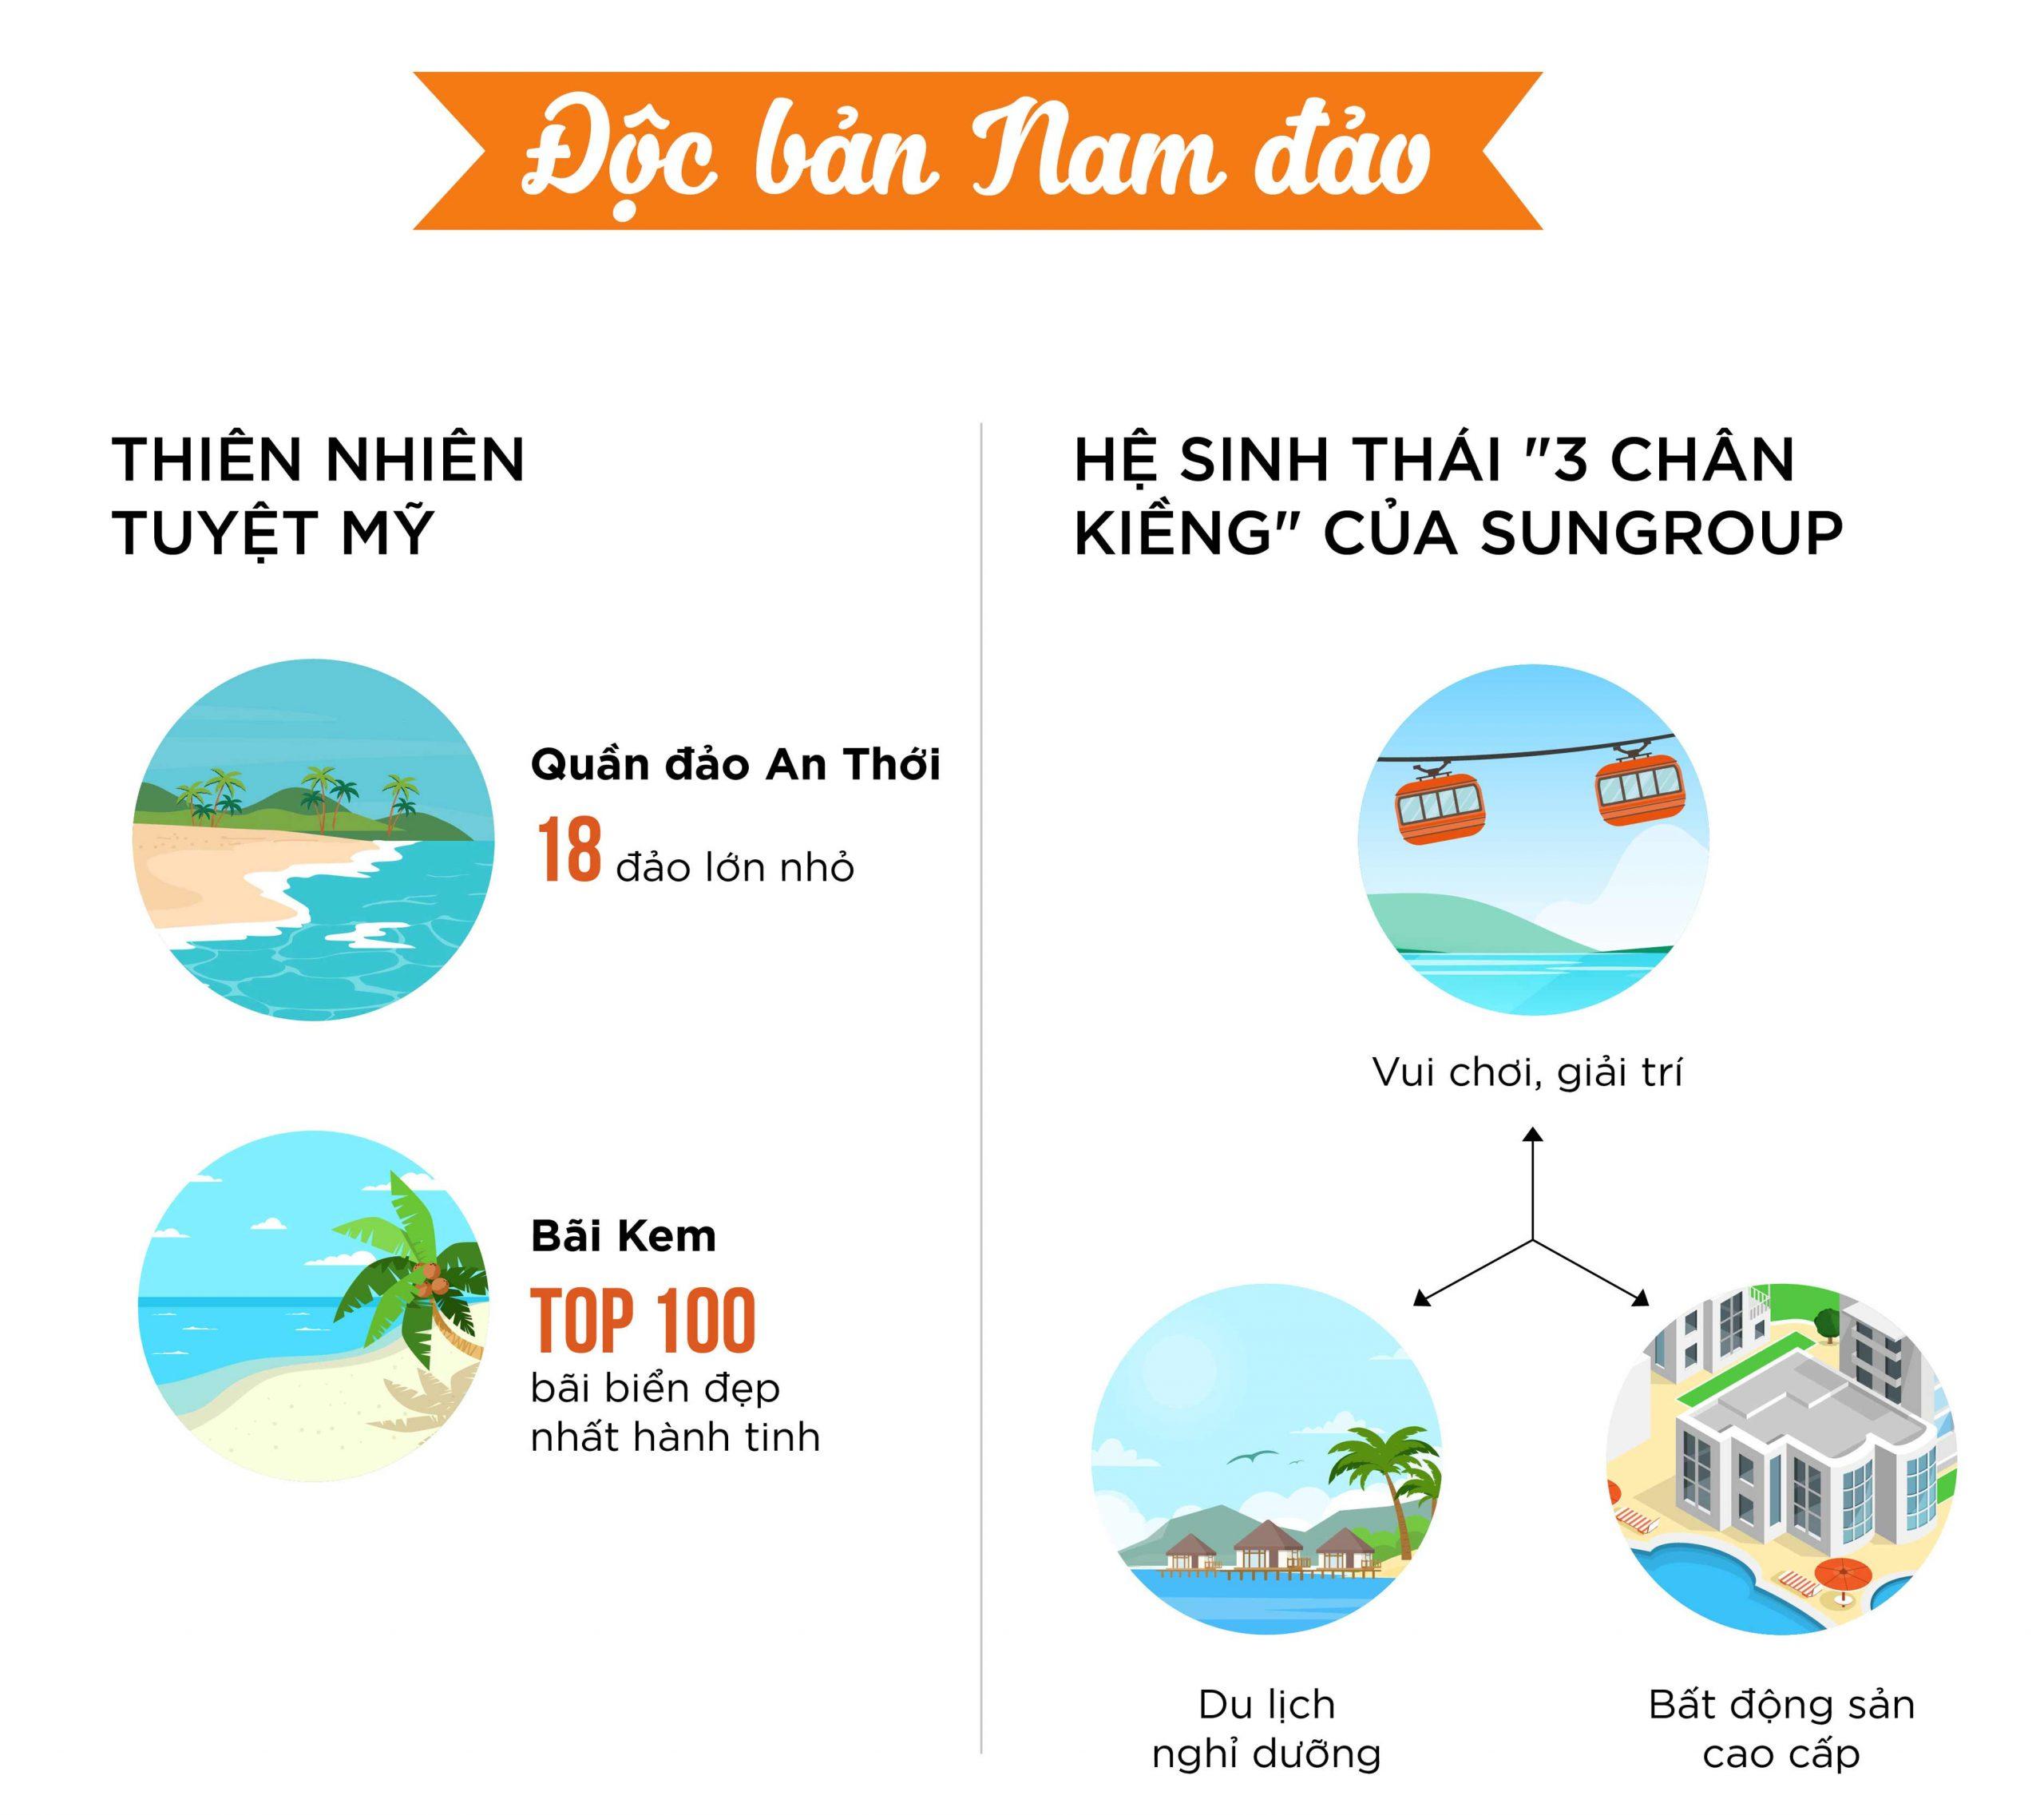 Hệ sinh thái Nam đảo do Tập đoàn Sun Group dày công kiến tạo